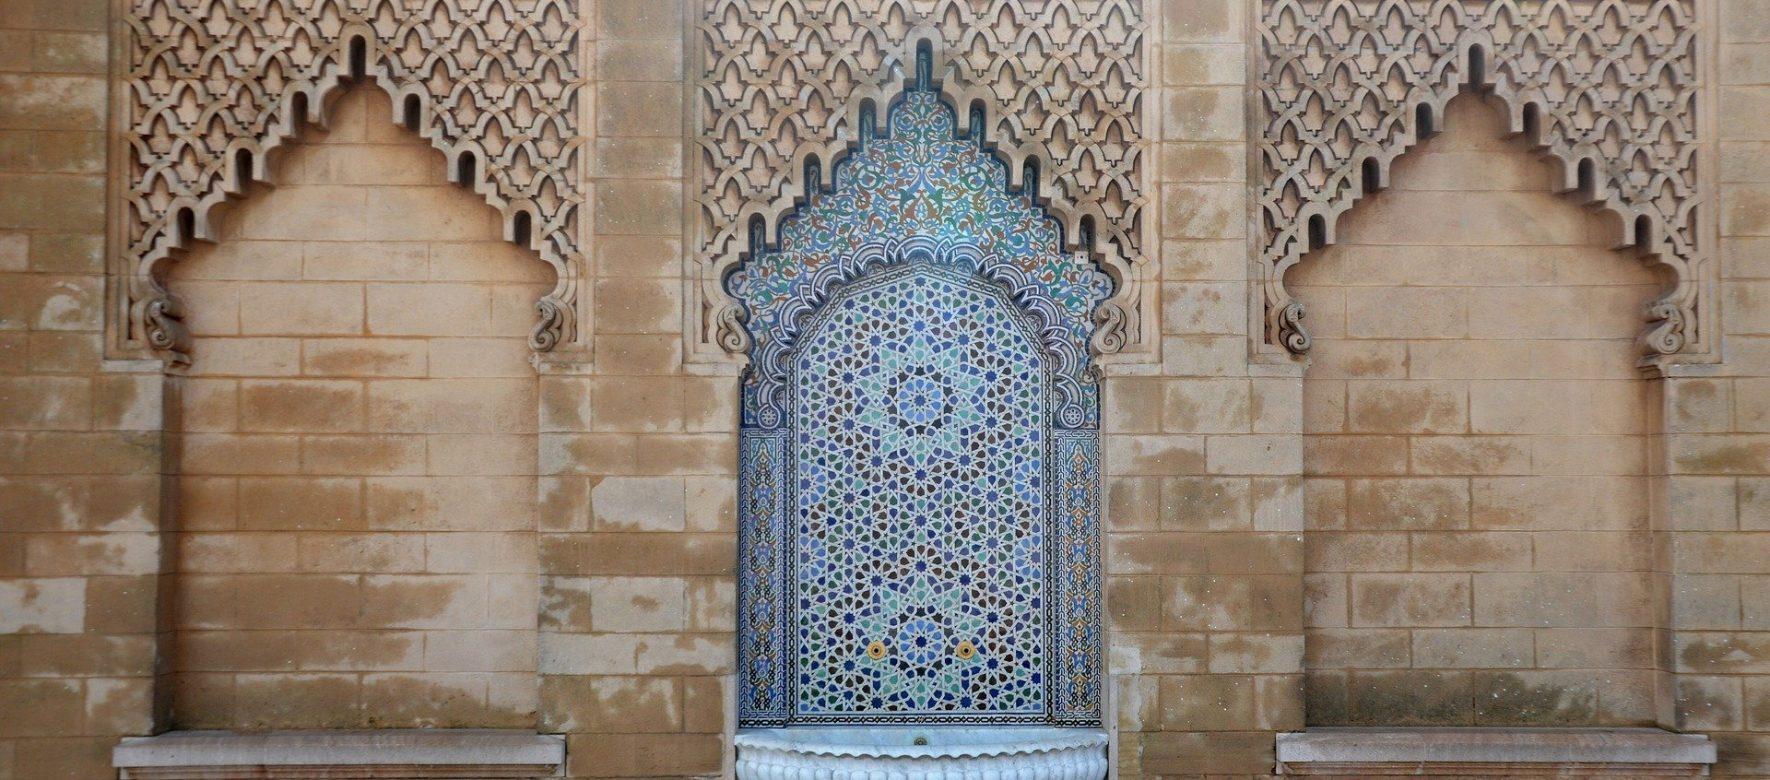 Maroc : La foncière Aradei Capital considère que le secteur de l'immobilier commercial marocain est en pleine expansion